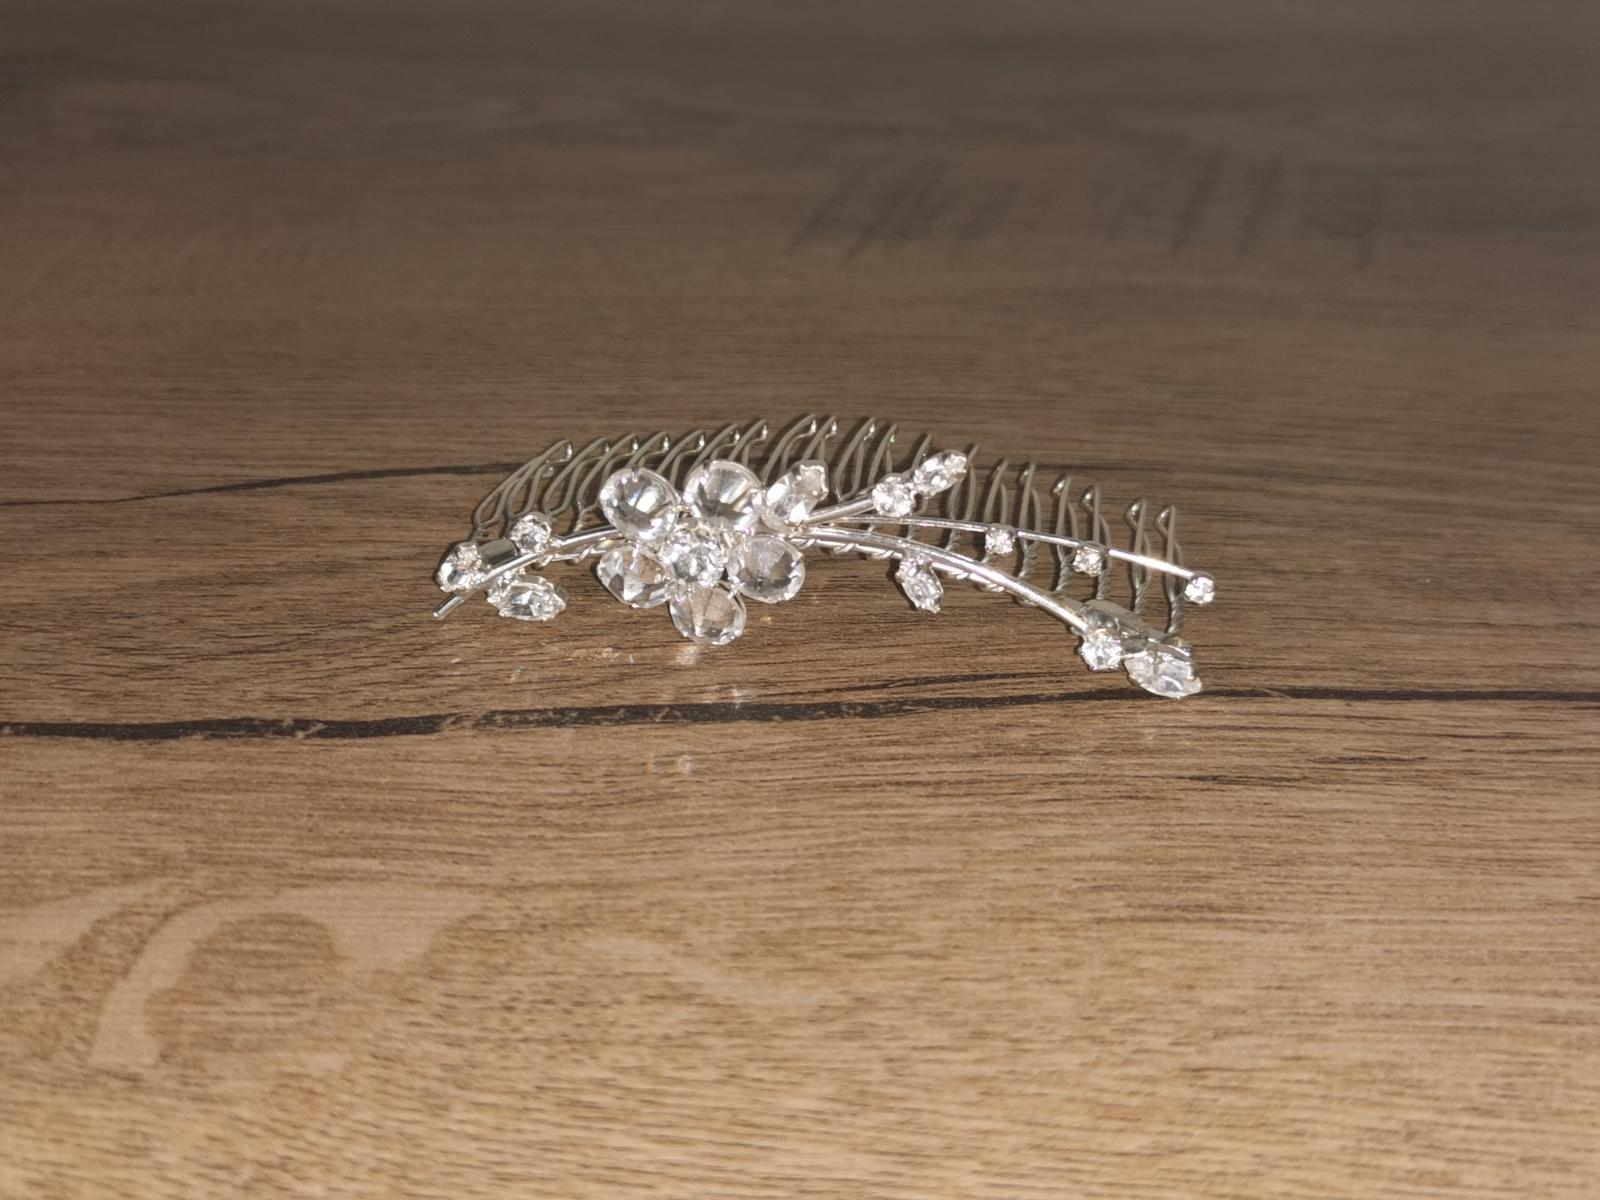 Malý hrebienok Jablonecka bizureria - Obrázok č. 1